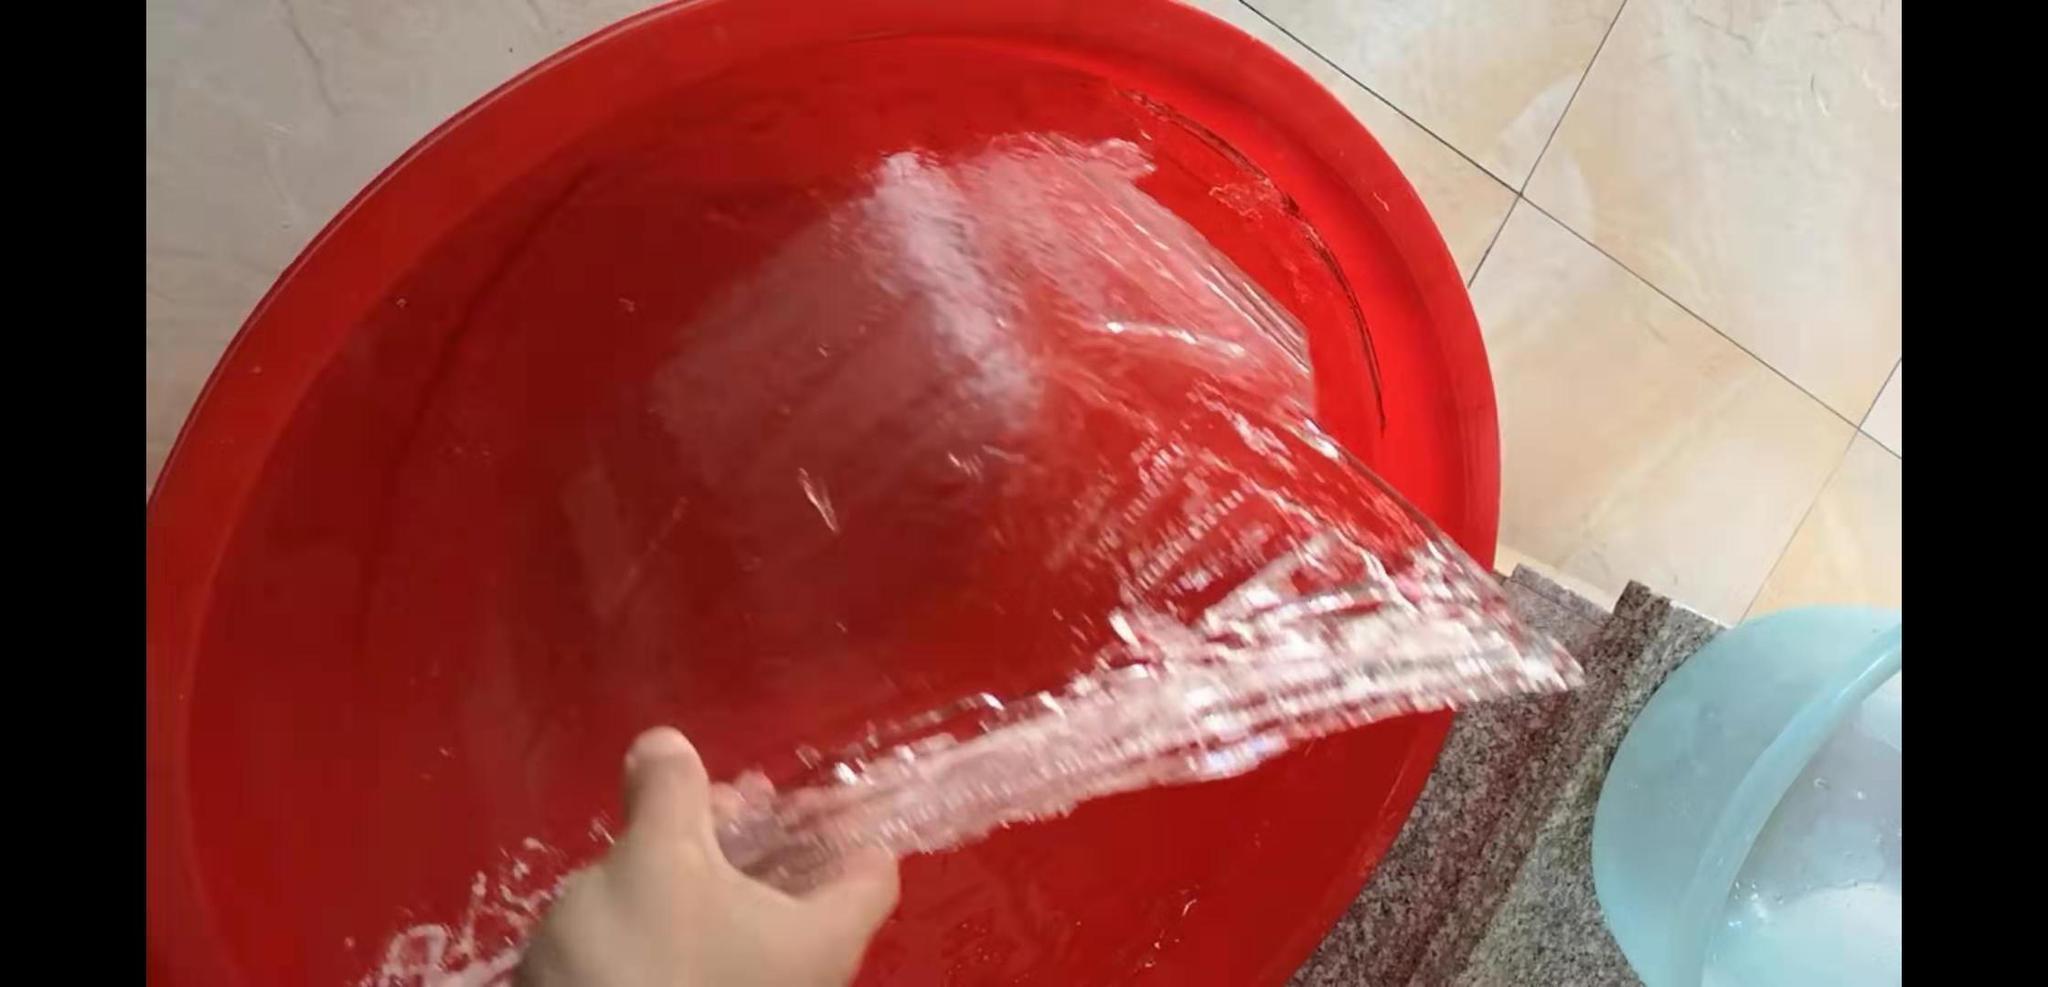 塑料桶里的水有些结冰